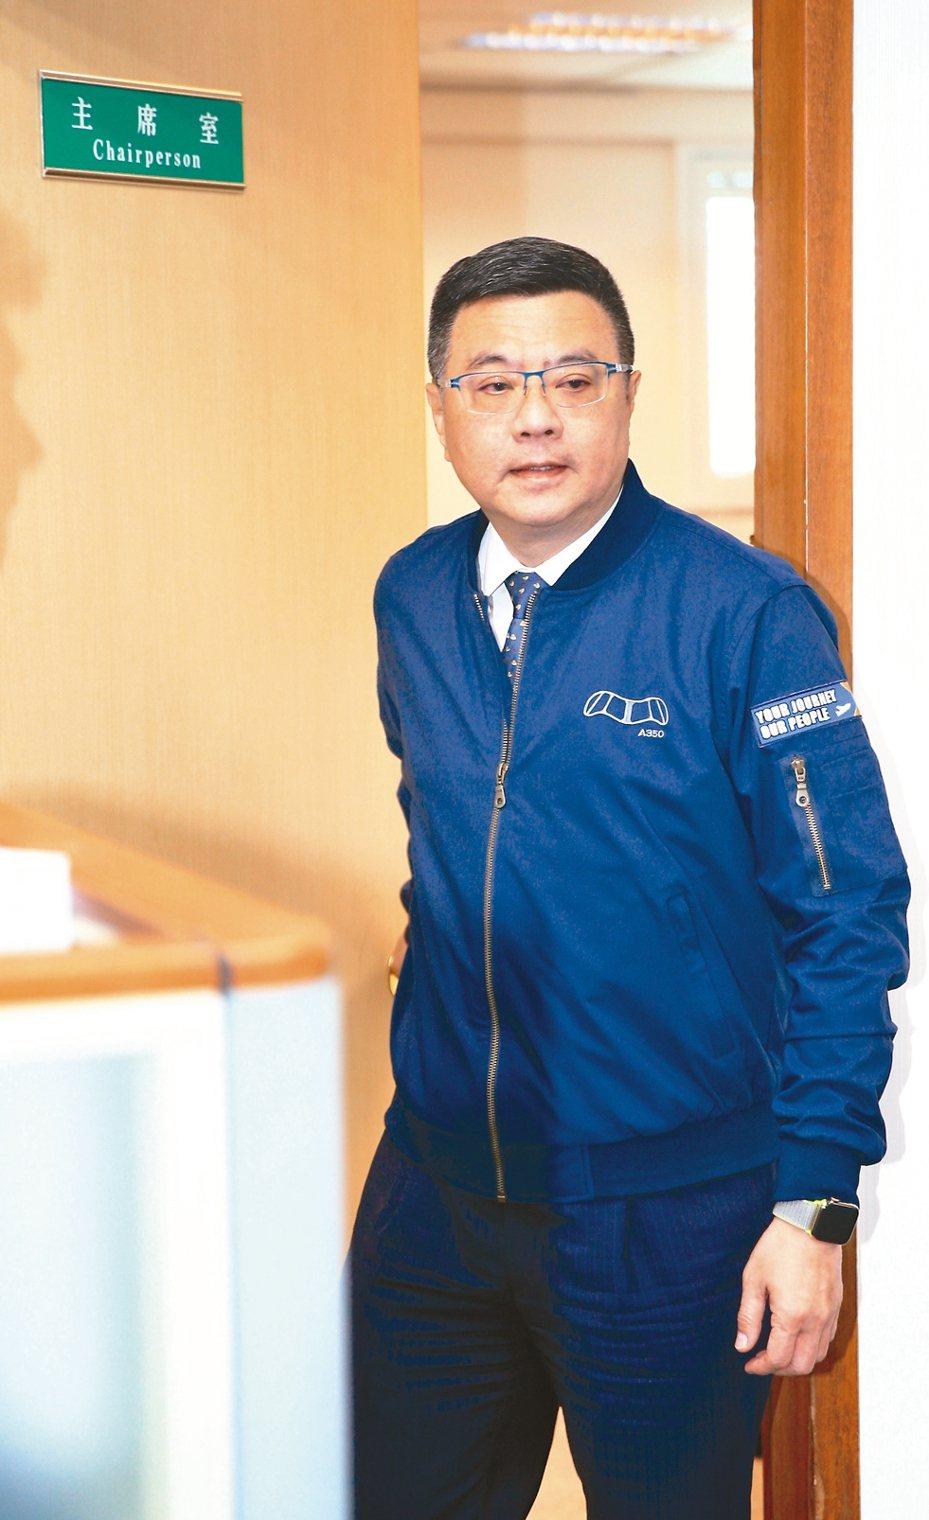 民進黨主席卓榮泰臉書貼文,質疑國民黨不分區名單。 圖/聯合報系資料照片